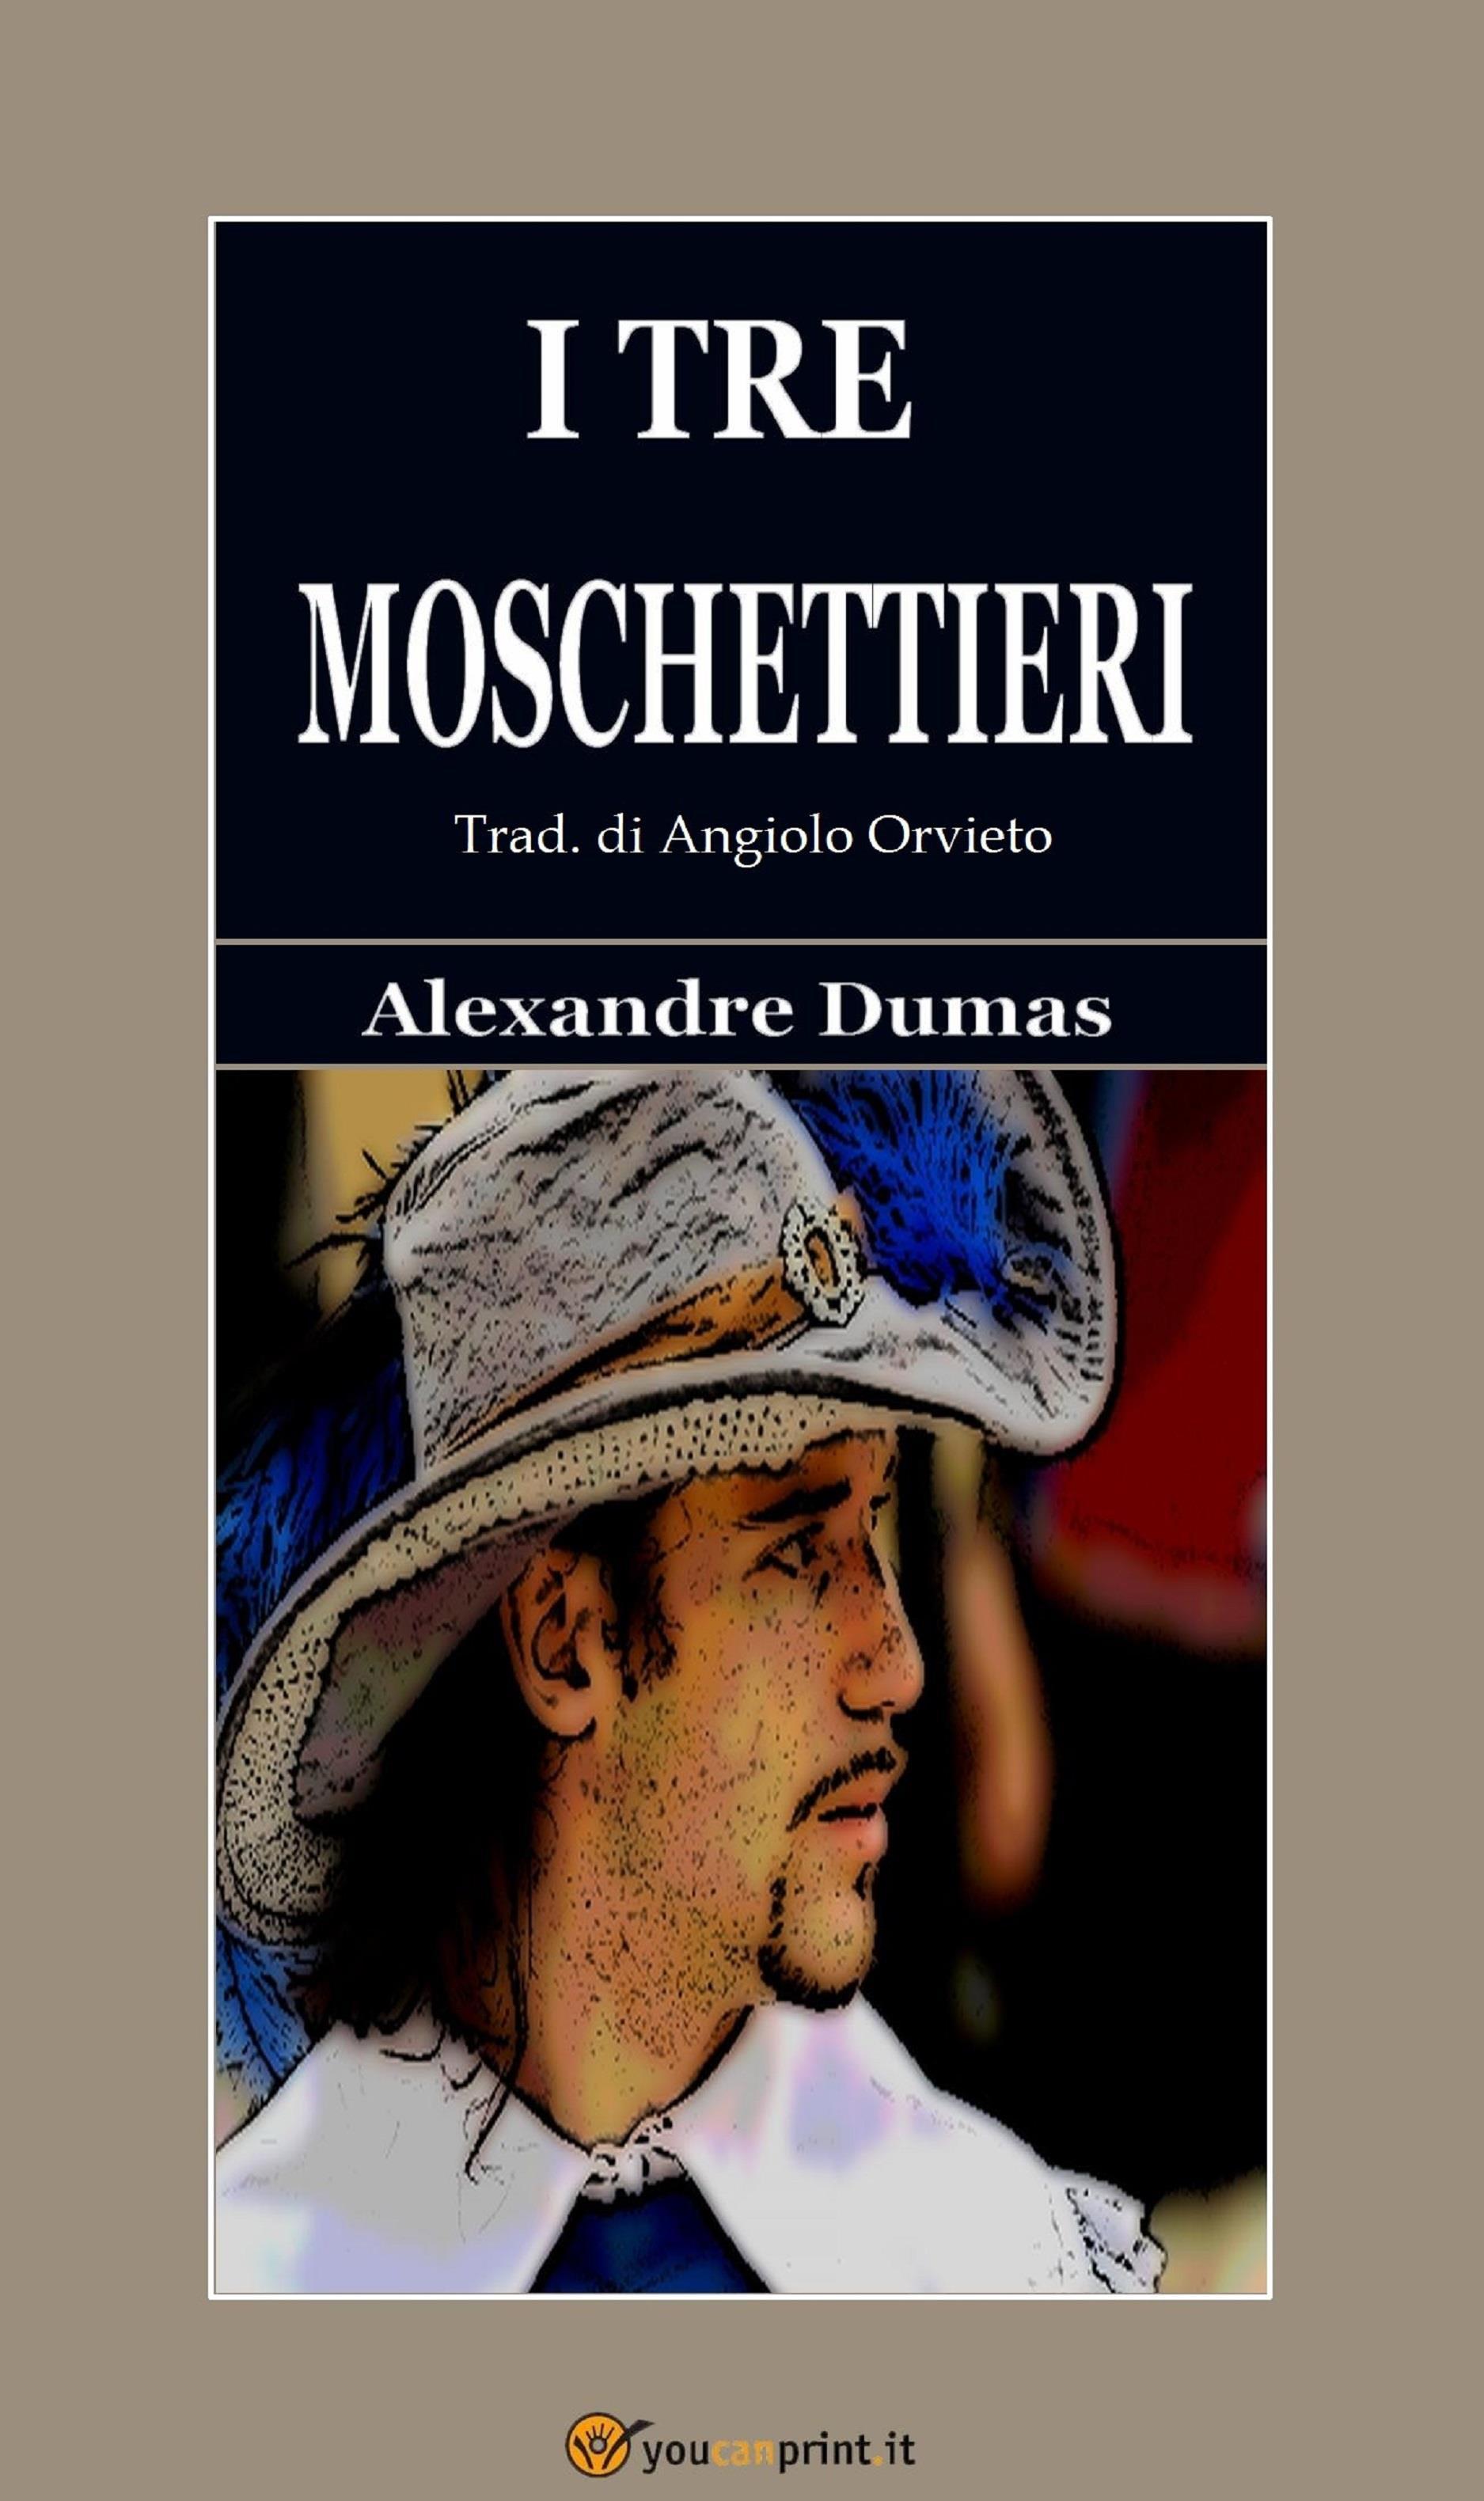 I tre moschettieri (Trad. di Angiolo Orvieto. Edizione integrale del 1853)